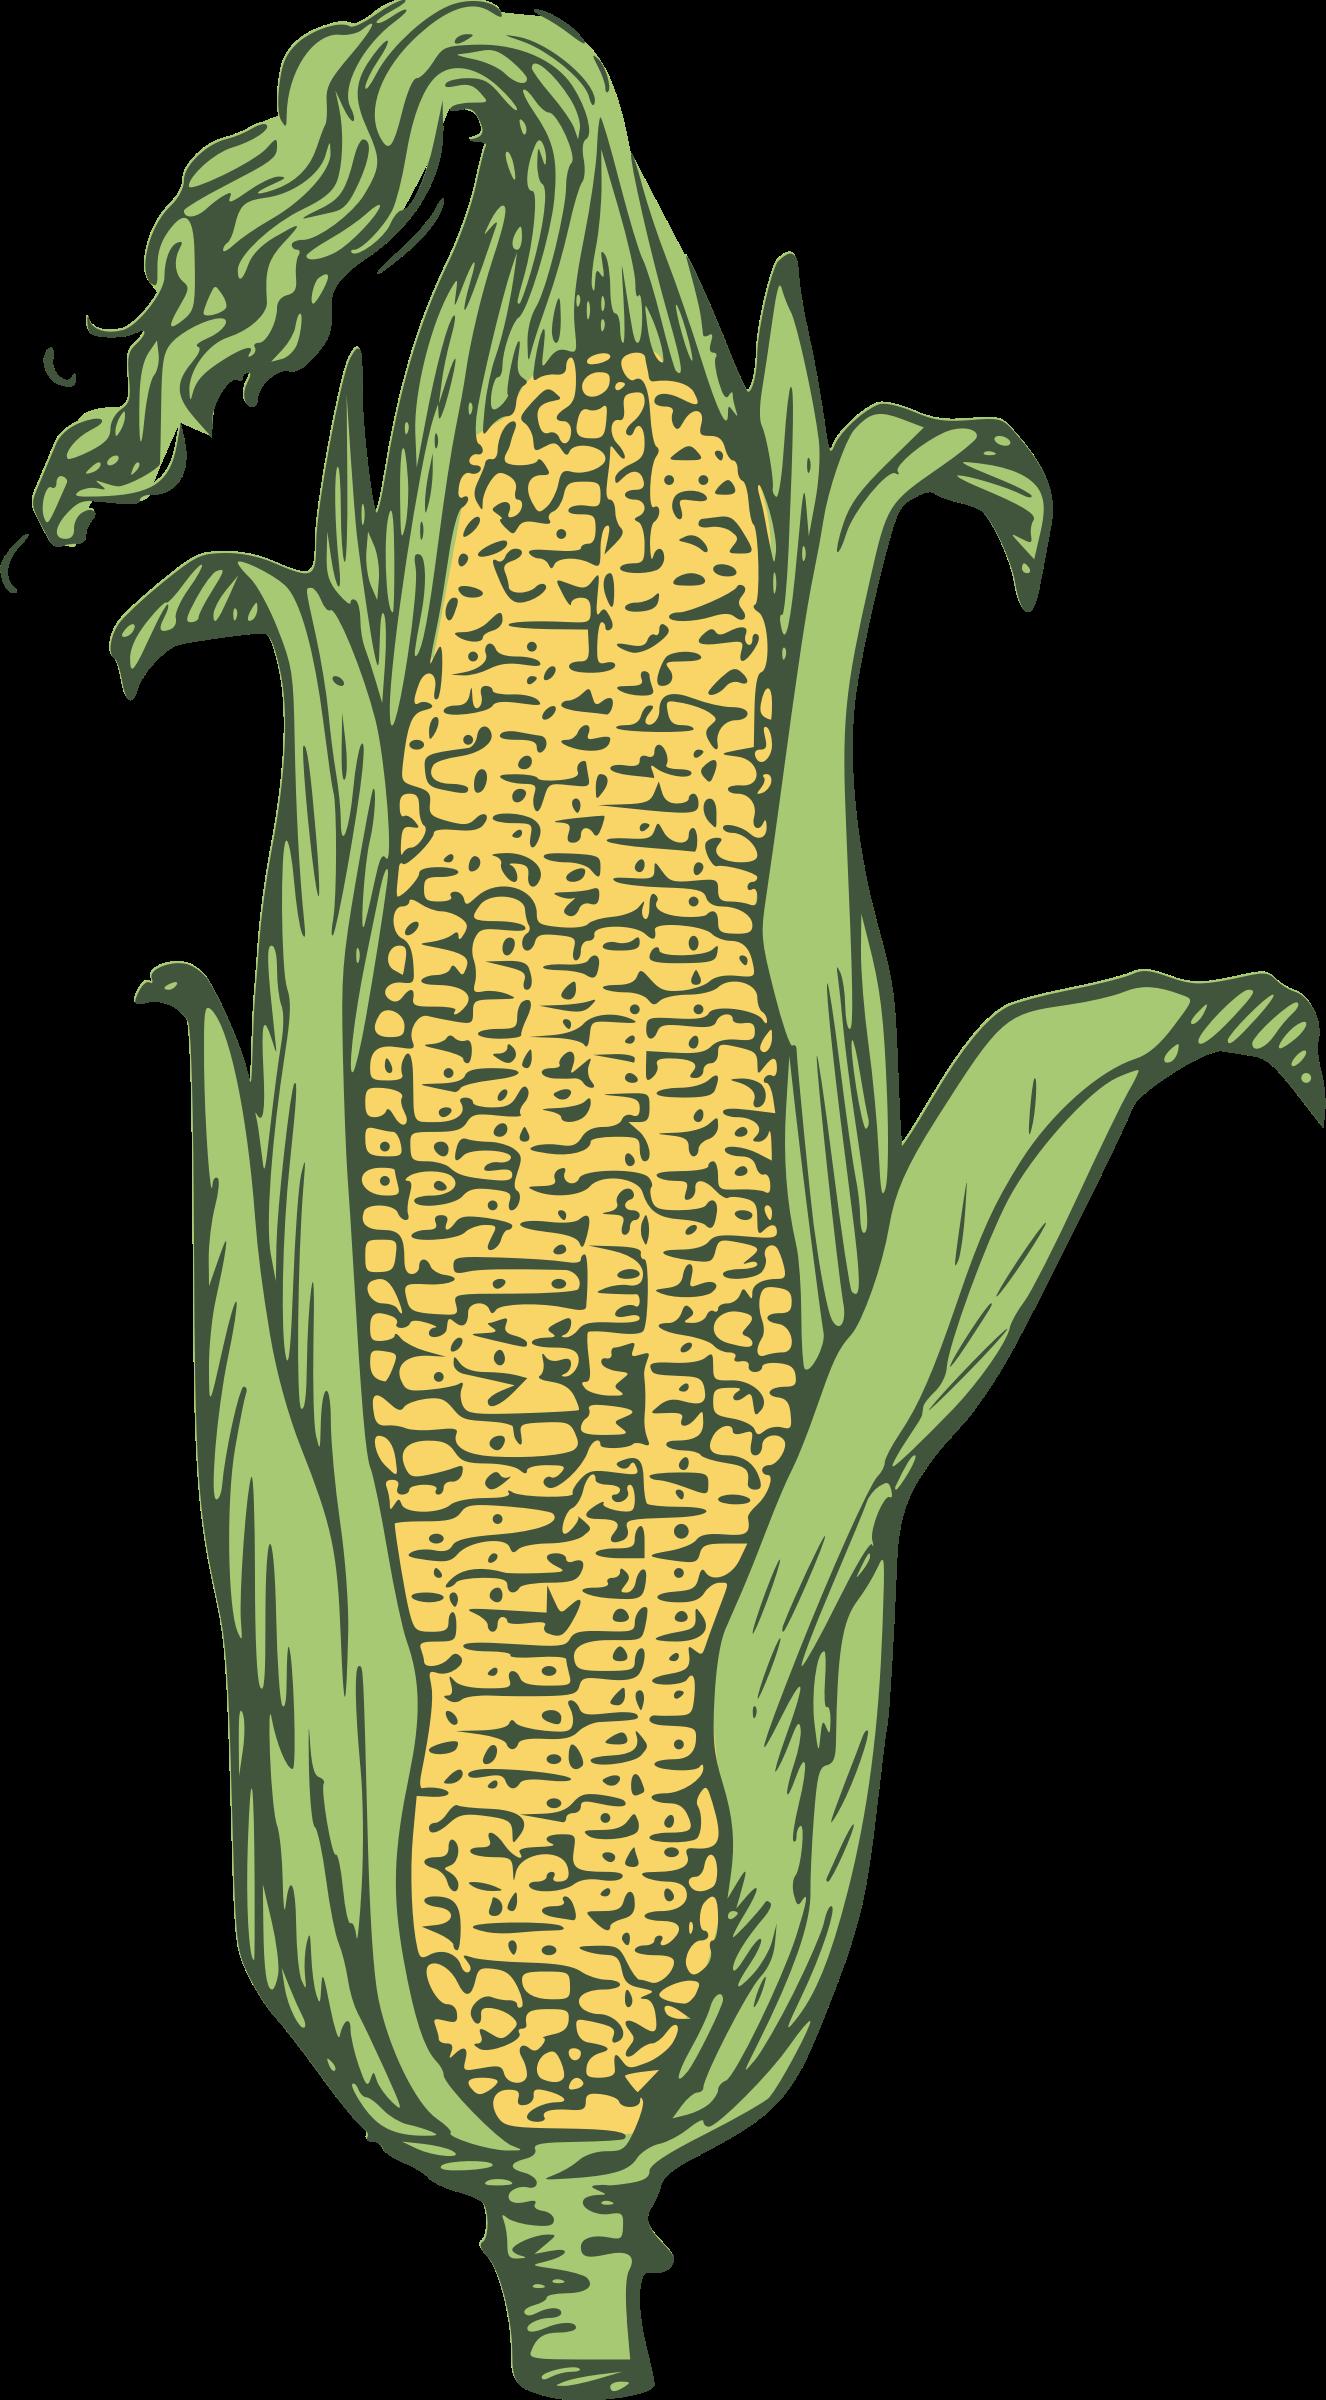 Ear of corn clipart 3.